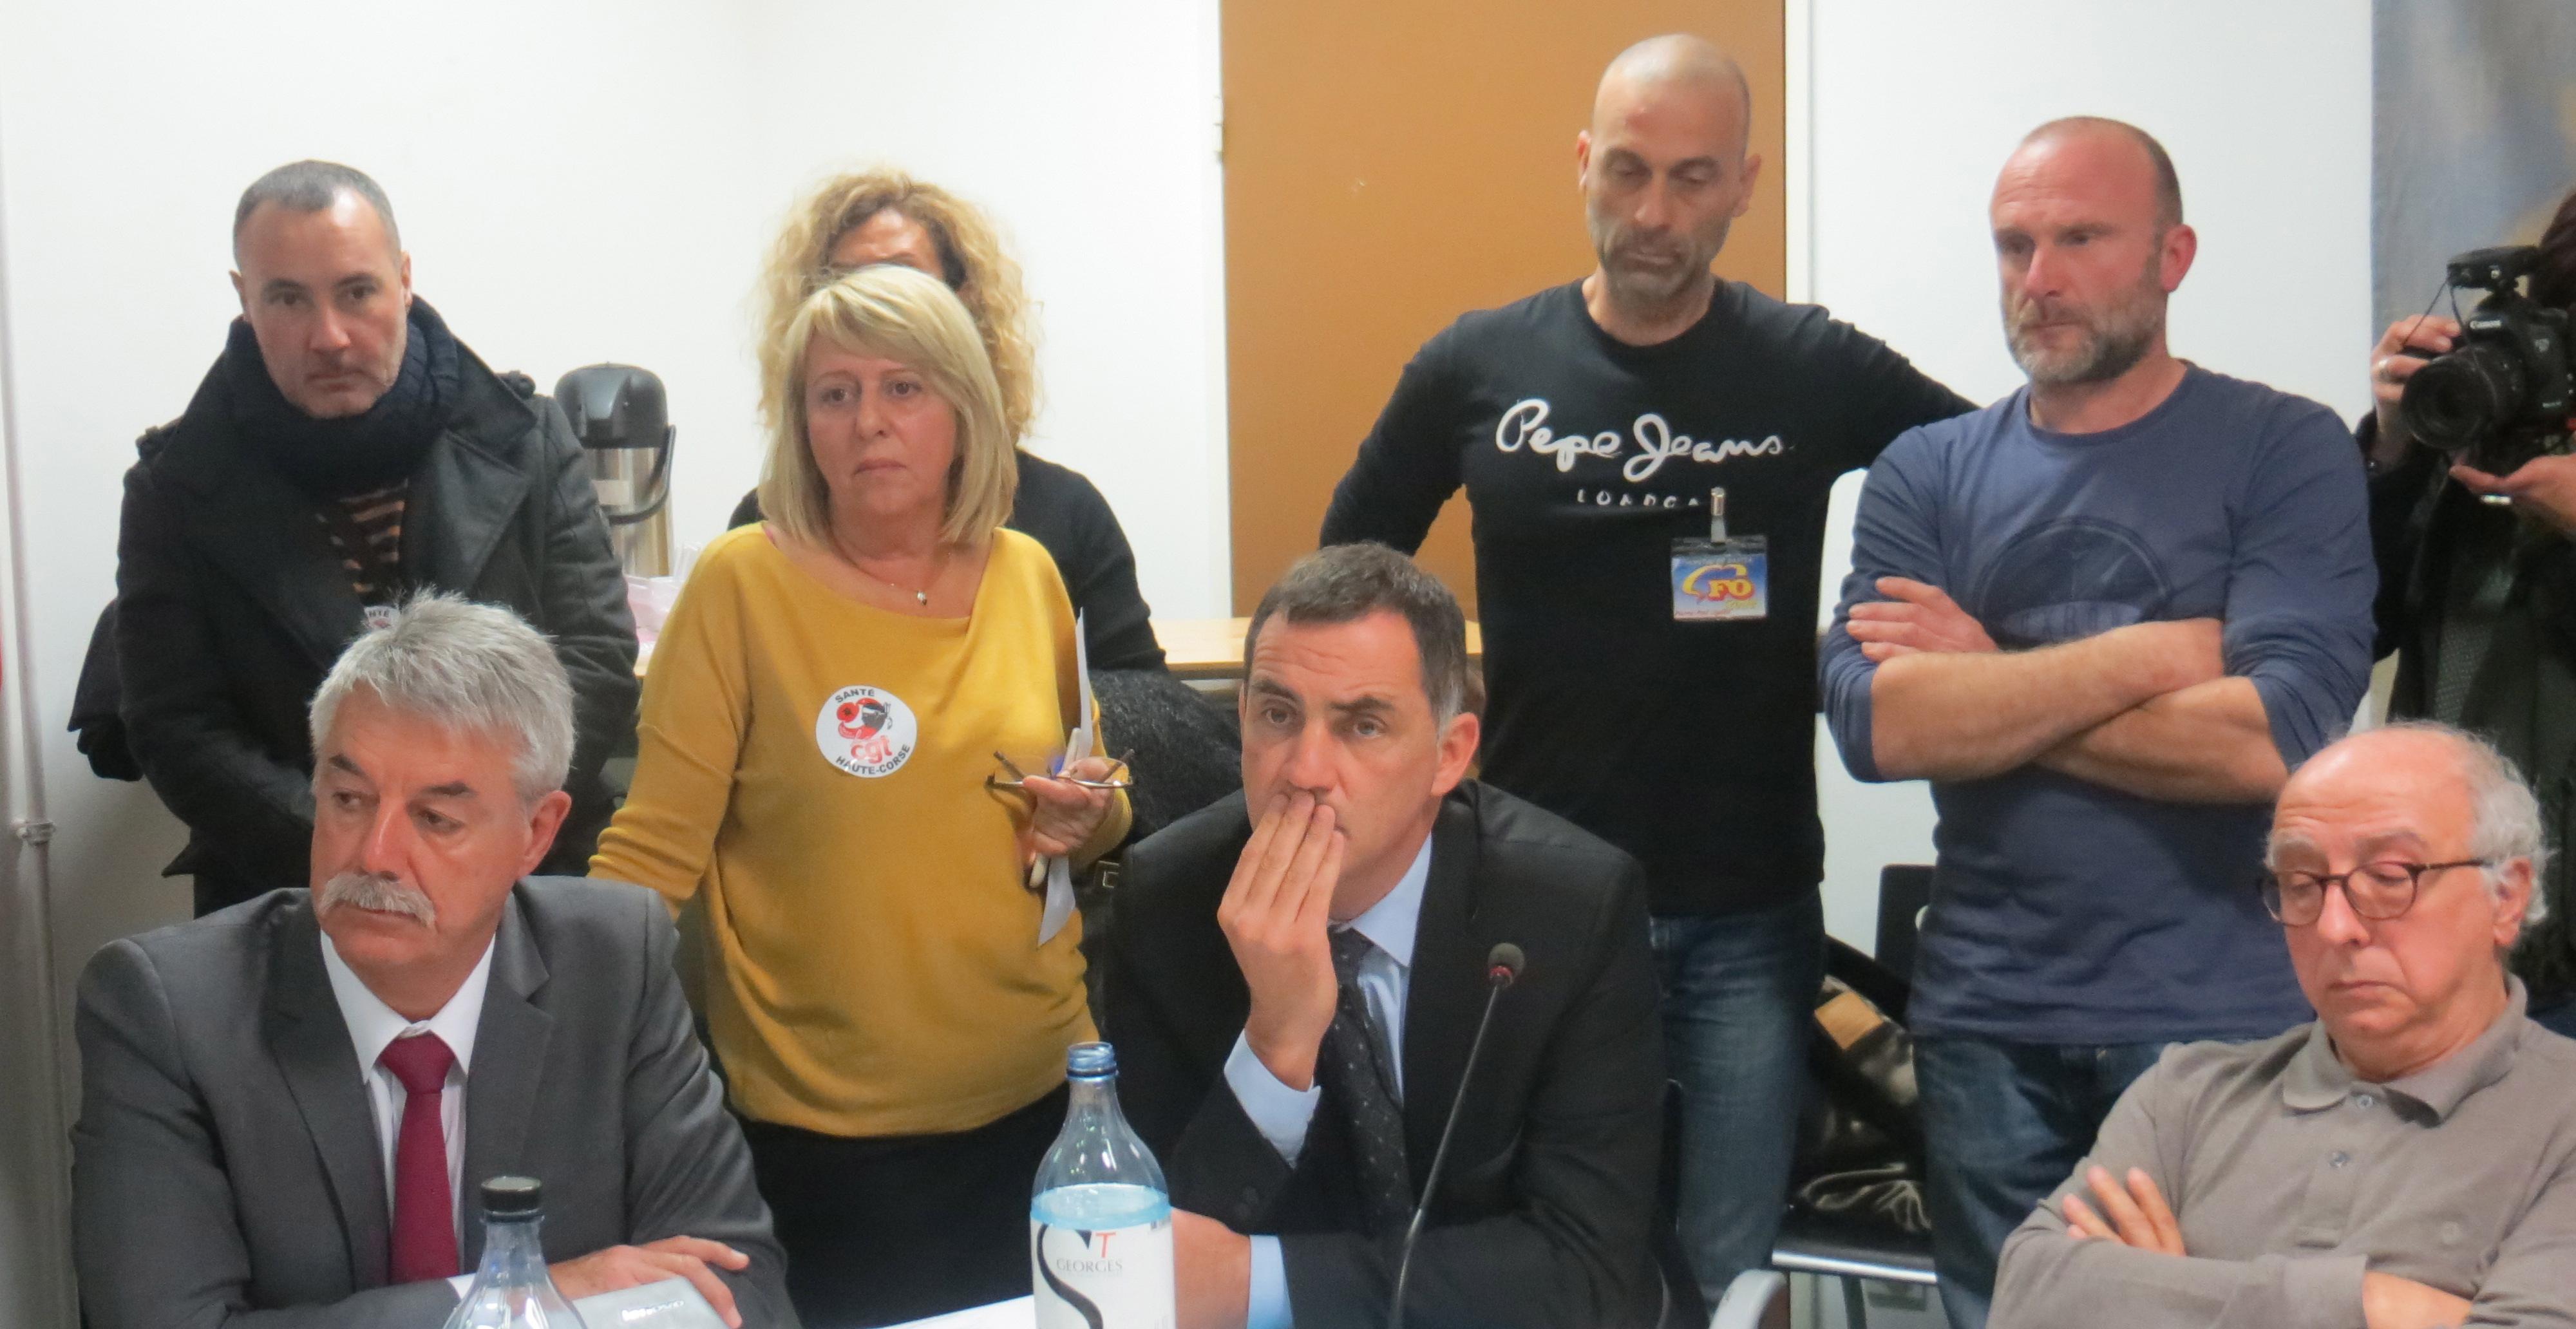 Gilles Simeoni, président du Conseil de surveillance de l'hôpital de Bastia, entouré du directeur et des représentants de l'intersyndicale CGT-STC-FO.